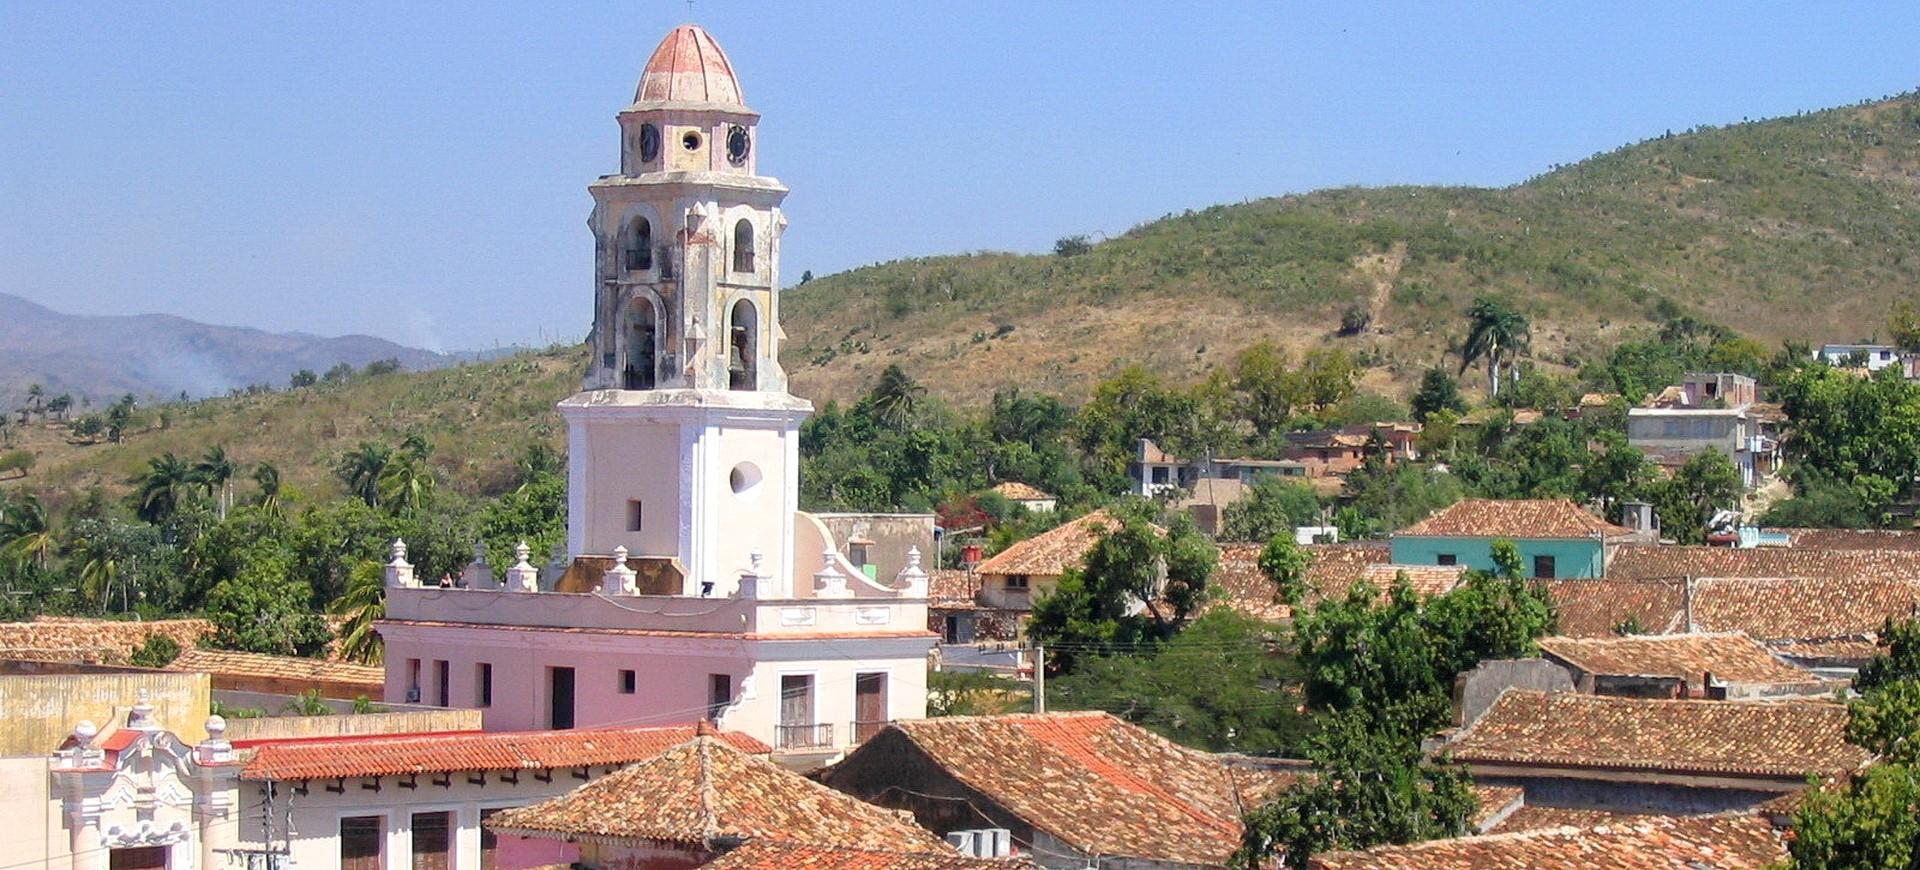 Vieille ville de Trinidad